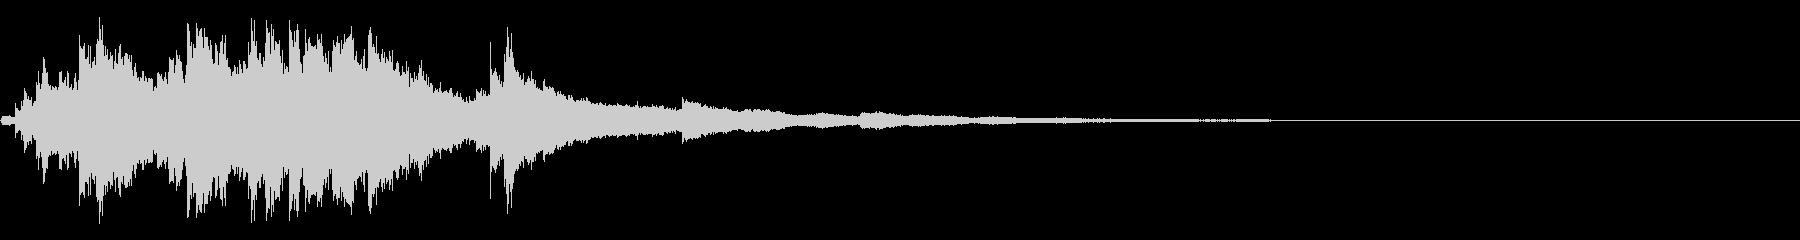 シャララン 下降 短い ウインドチャイムの未再生の波形